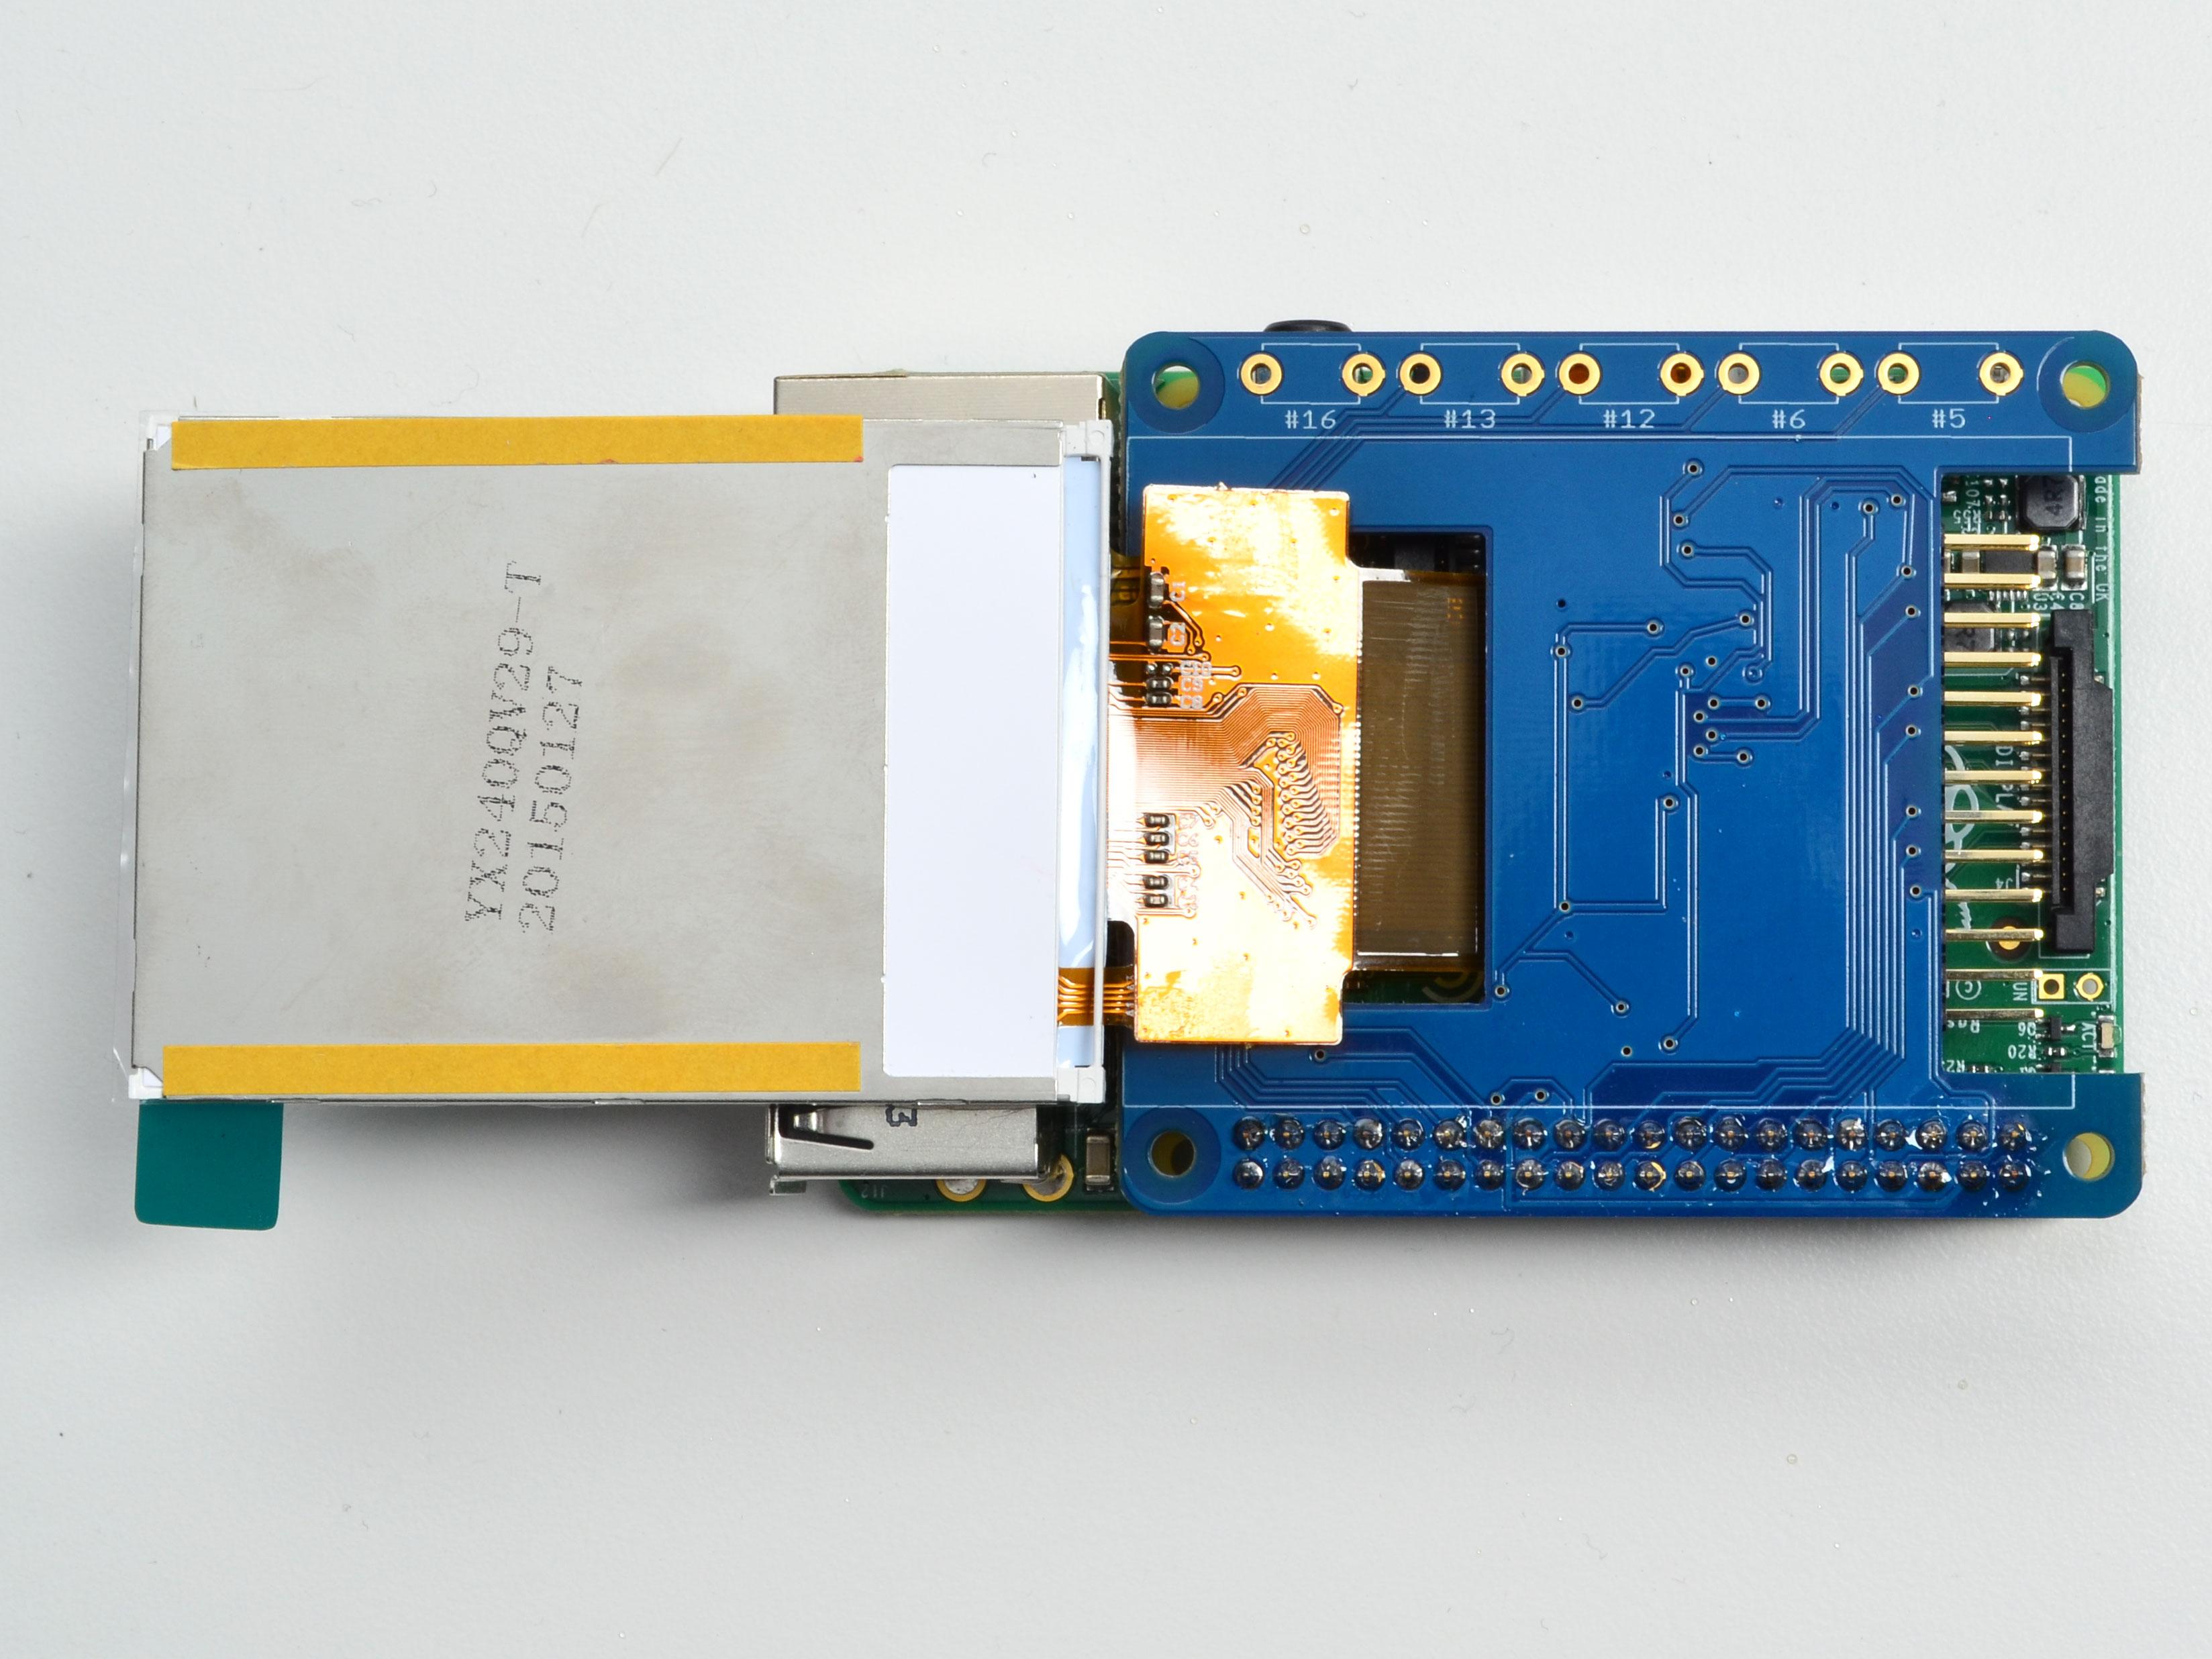 adafruit_products_solderdone.jpg